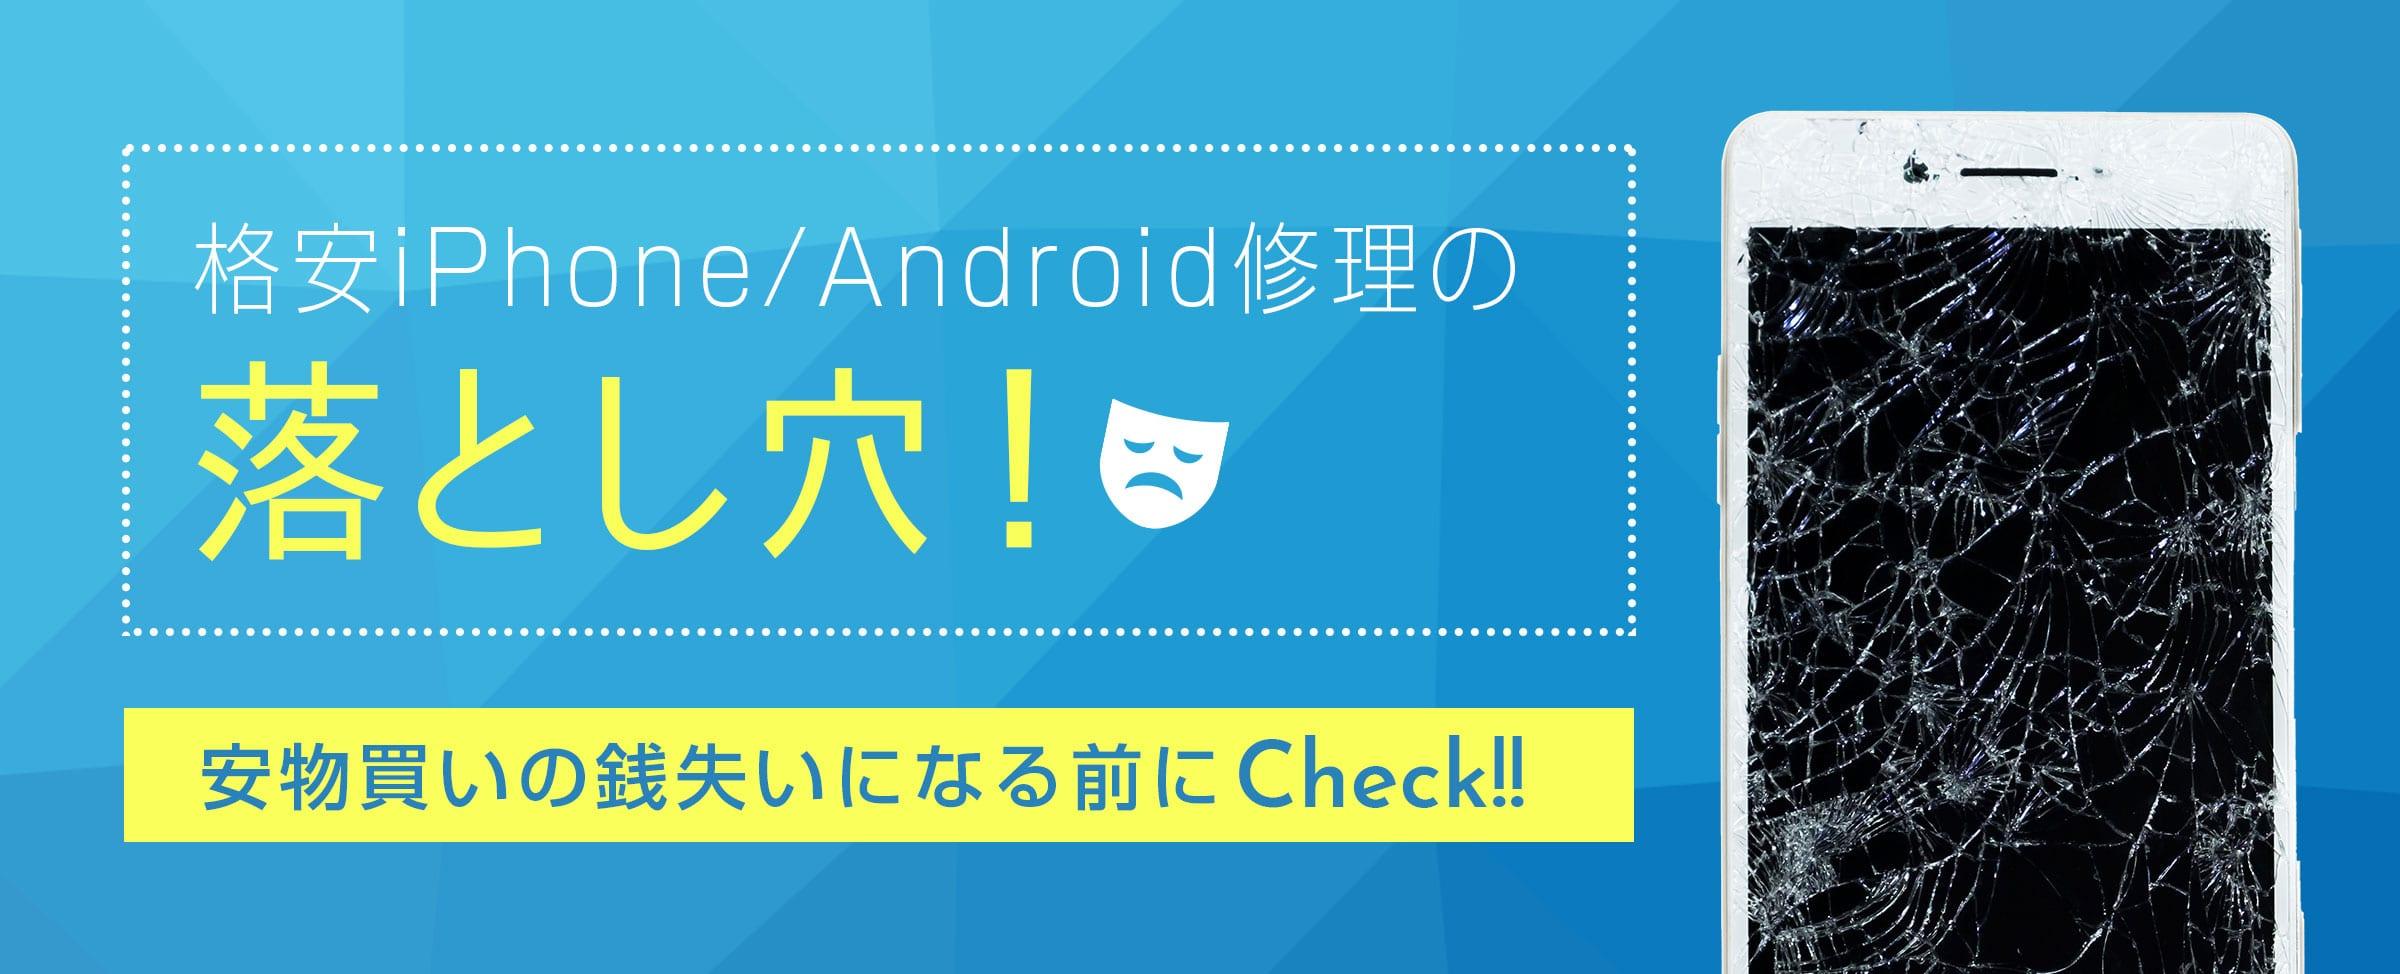 格安iPhone/Android修理の落とし穴!安物買いの銭失い!